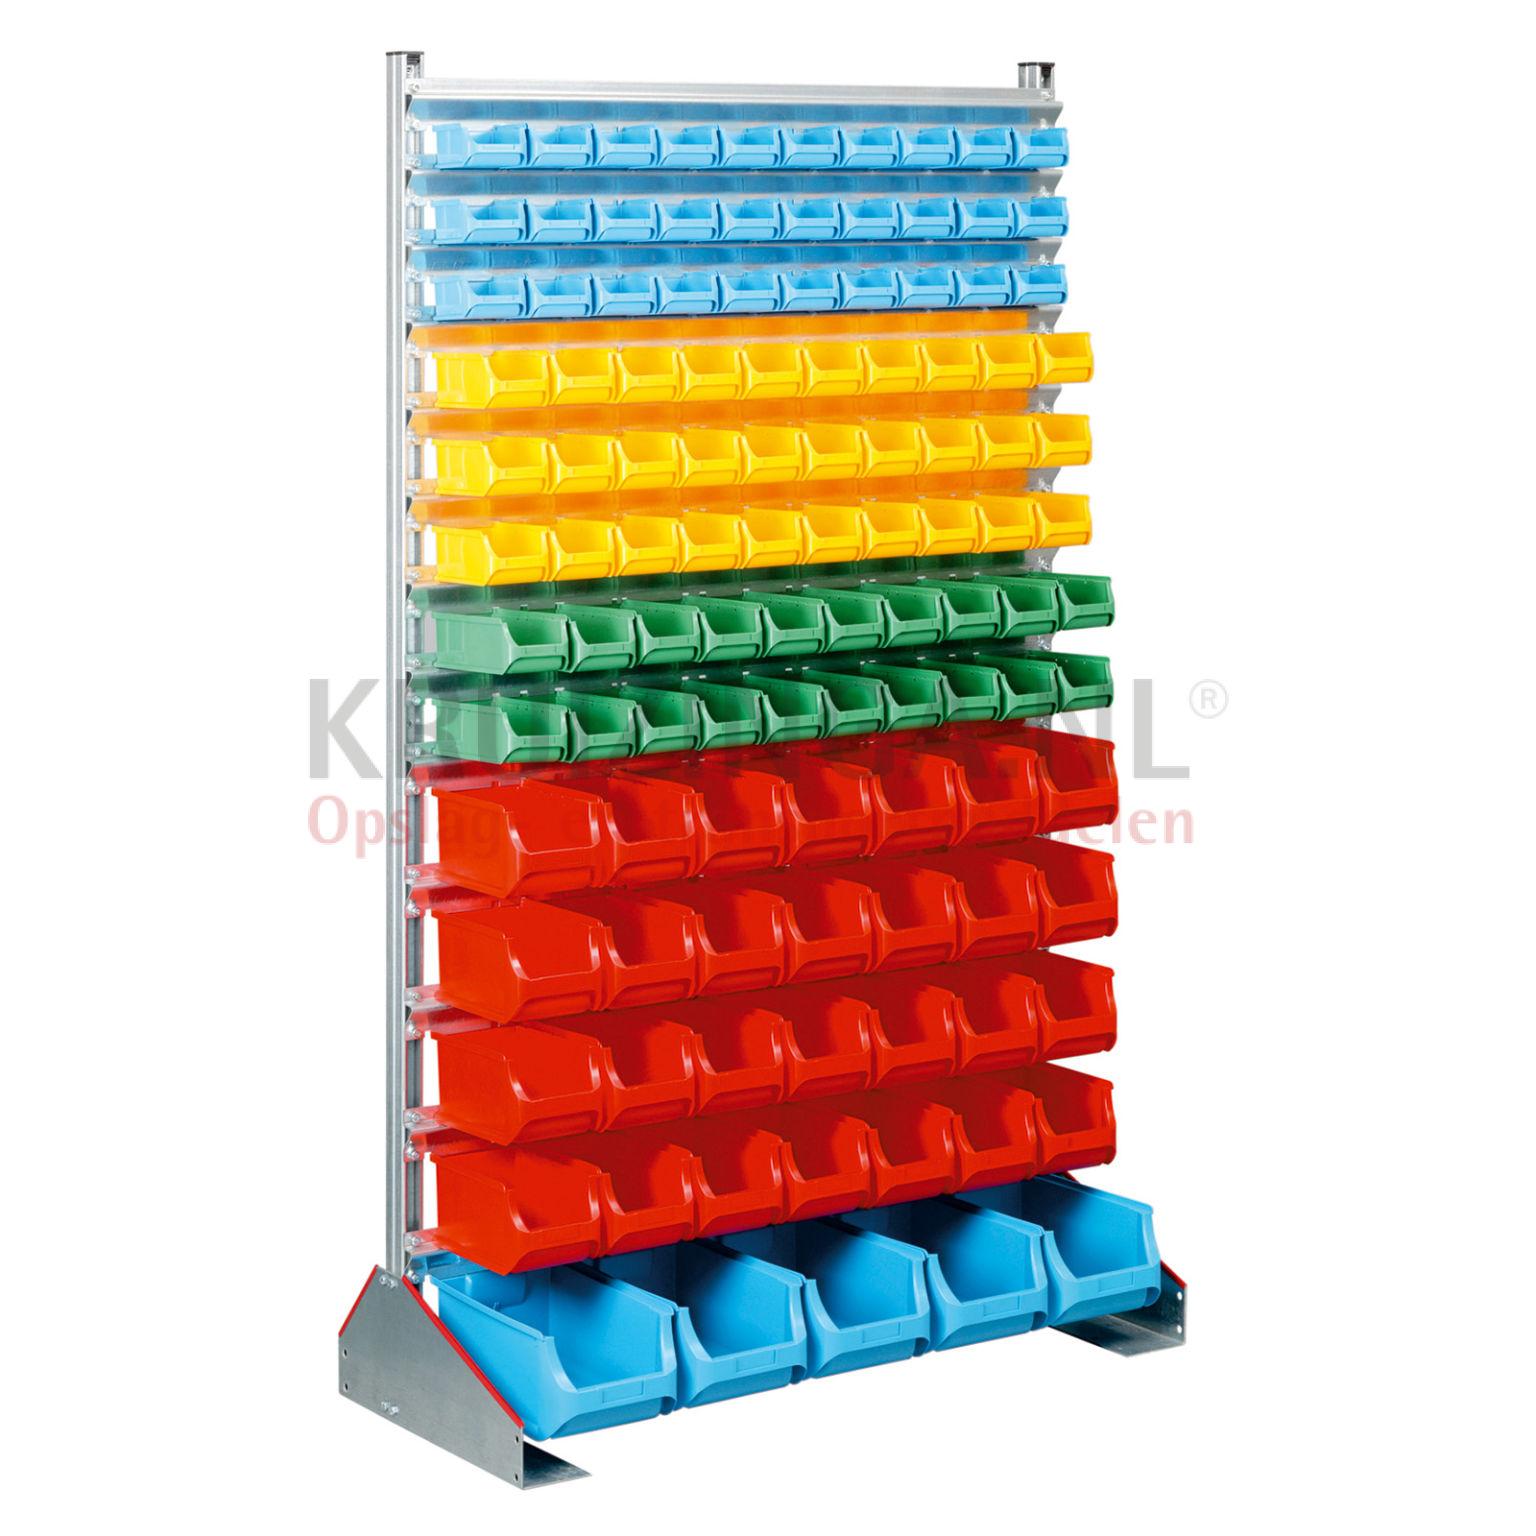 bac a bec en plastique rack fixe incl 113 bacs de magasin partir de 474 frais de. Black Bedroom Furniture Sets. Home Design Ideas